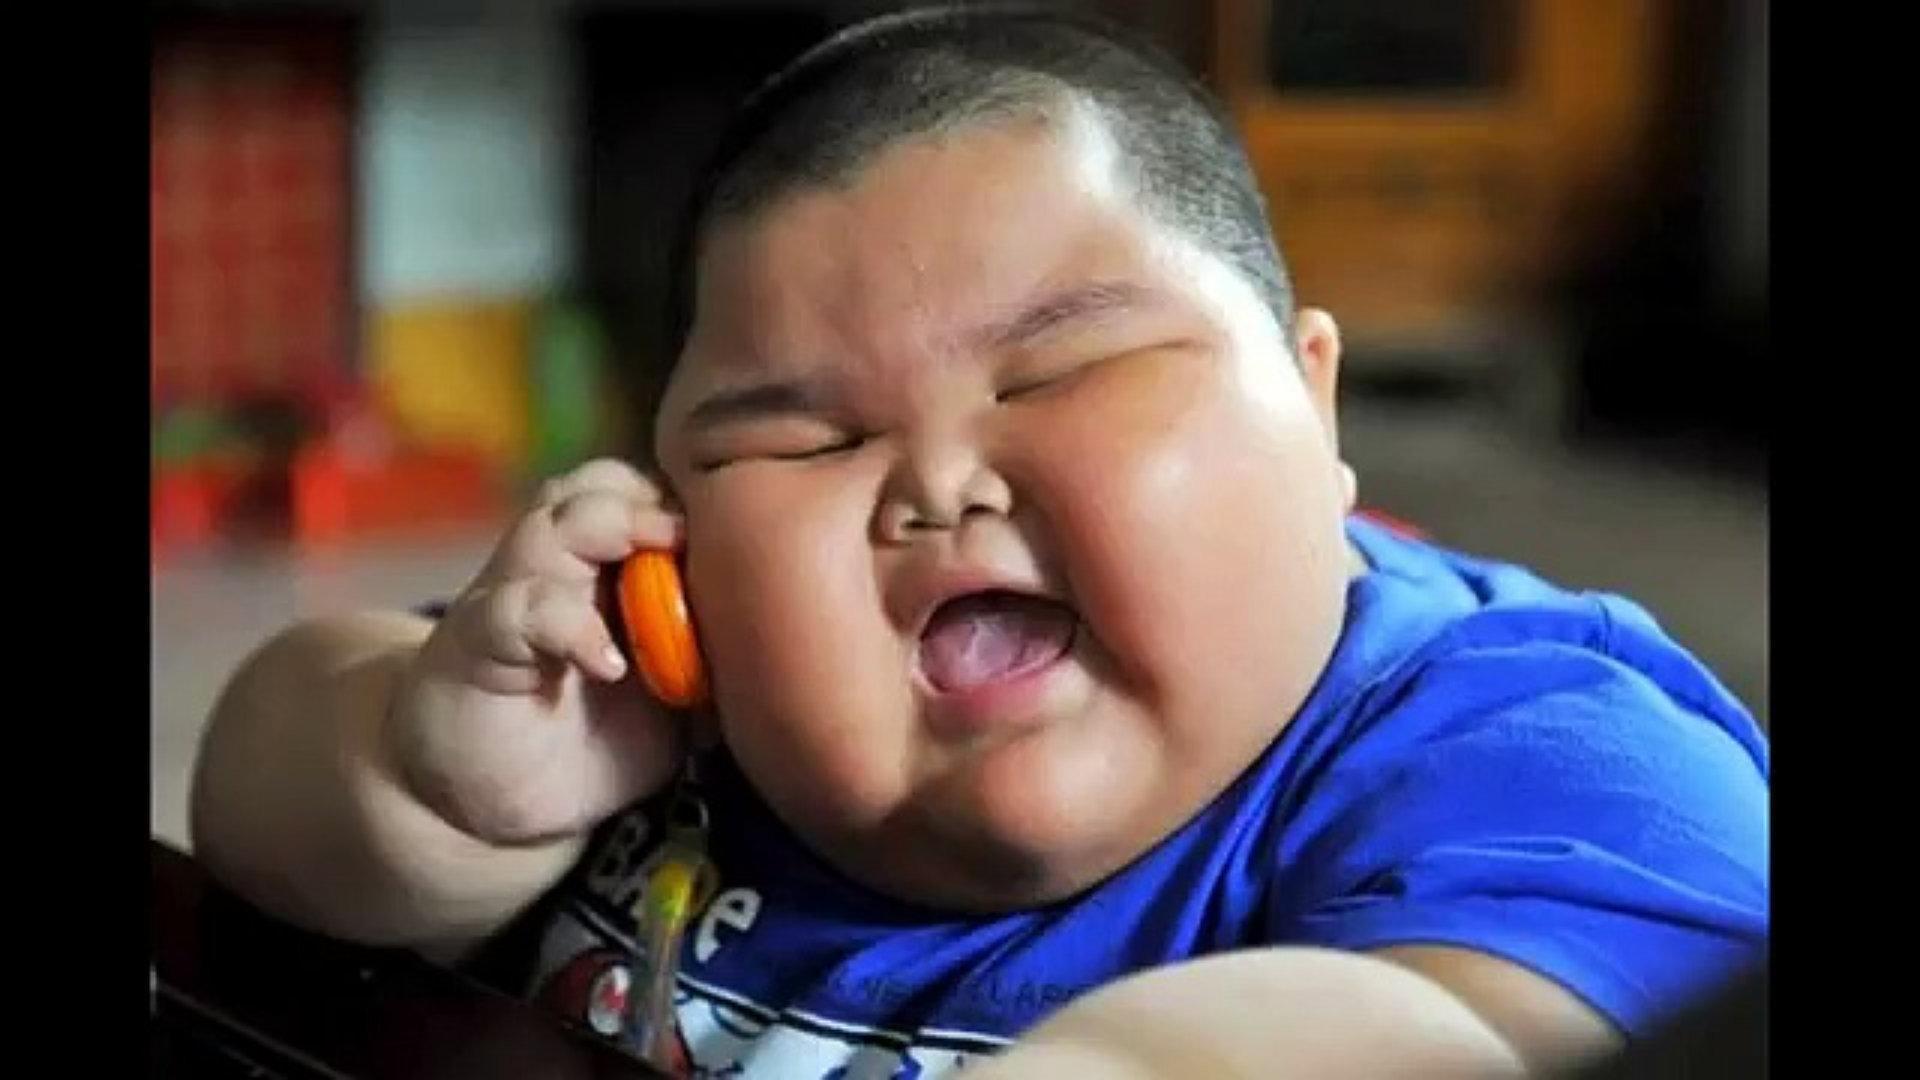 Самый толстый ребенок в мире картинки